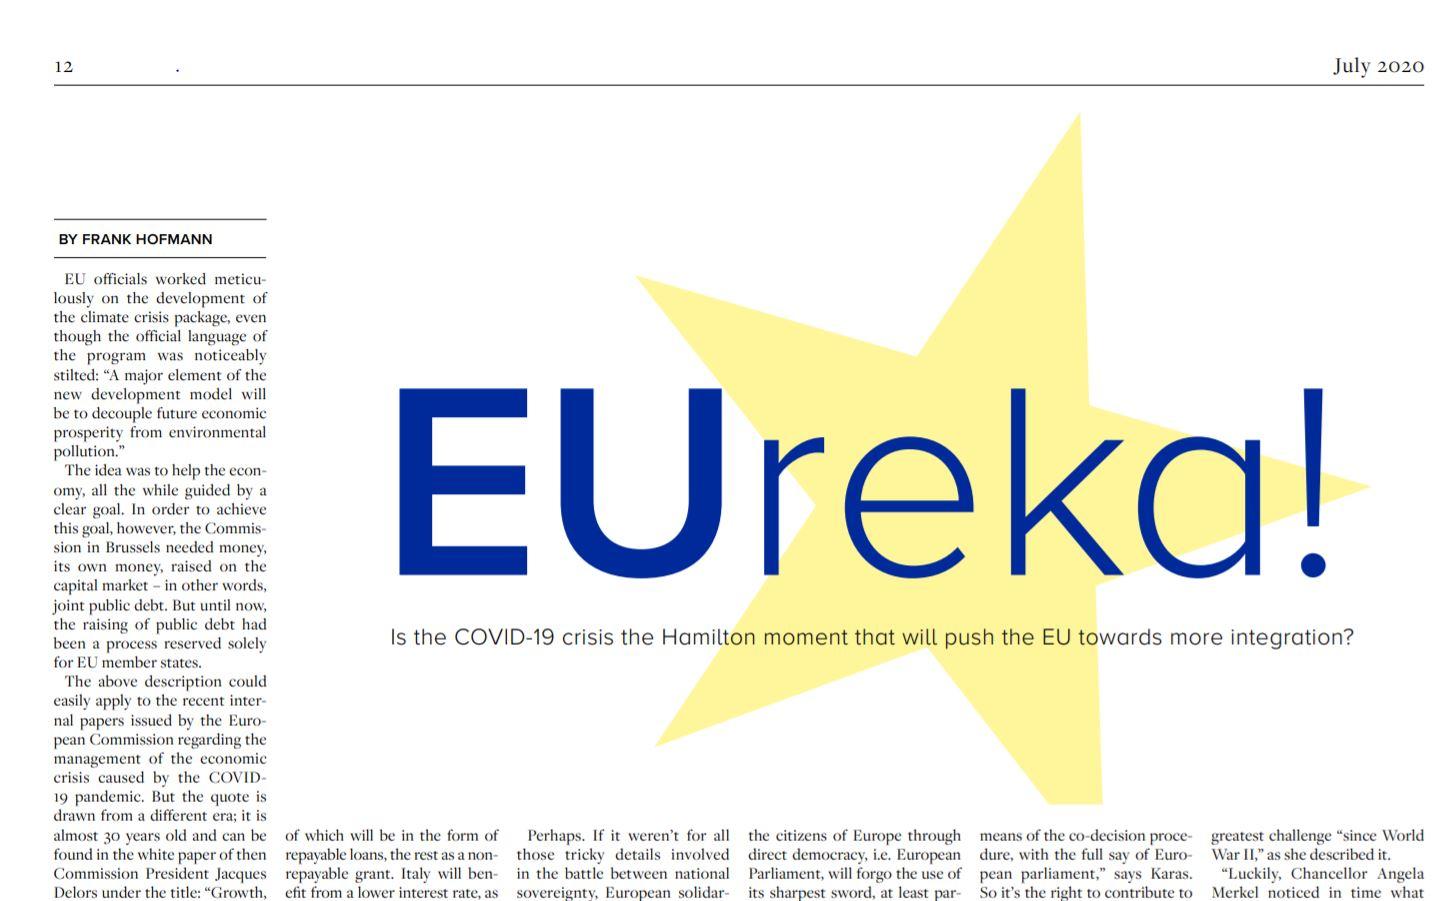 Europa verstehen: Schulden für die Integration